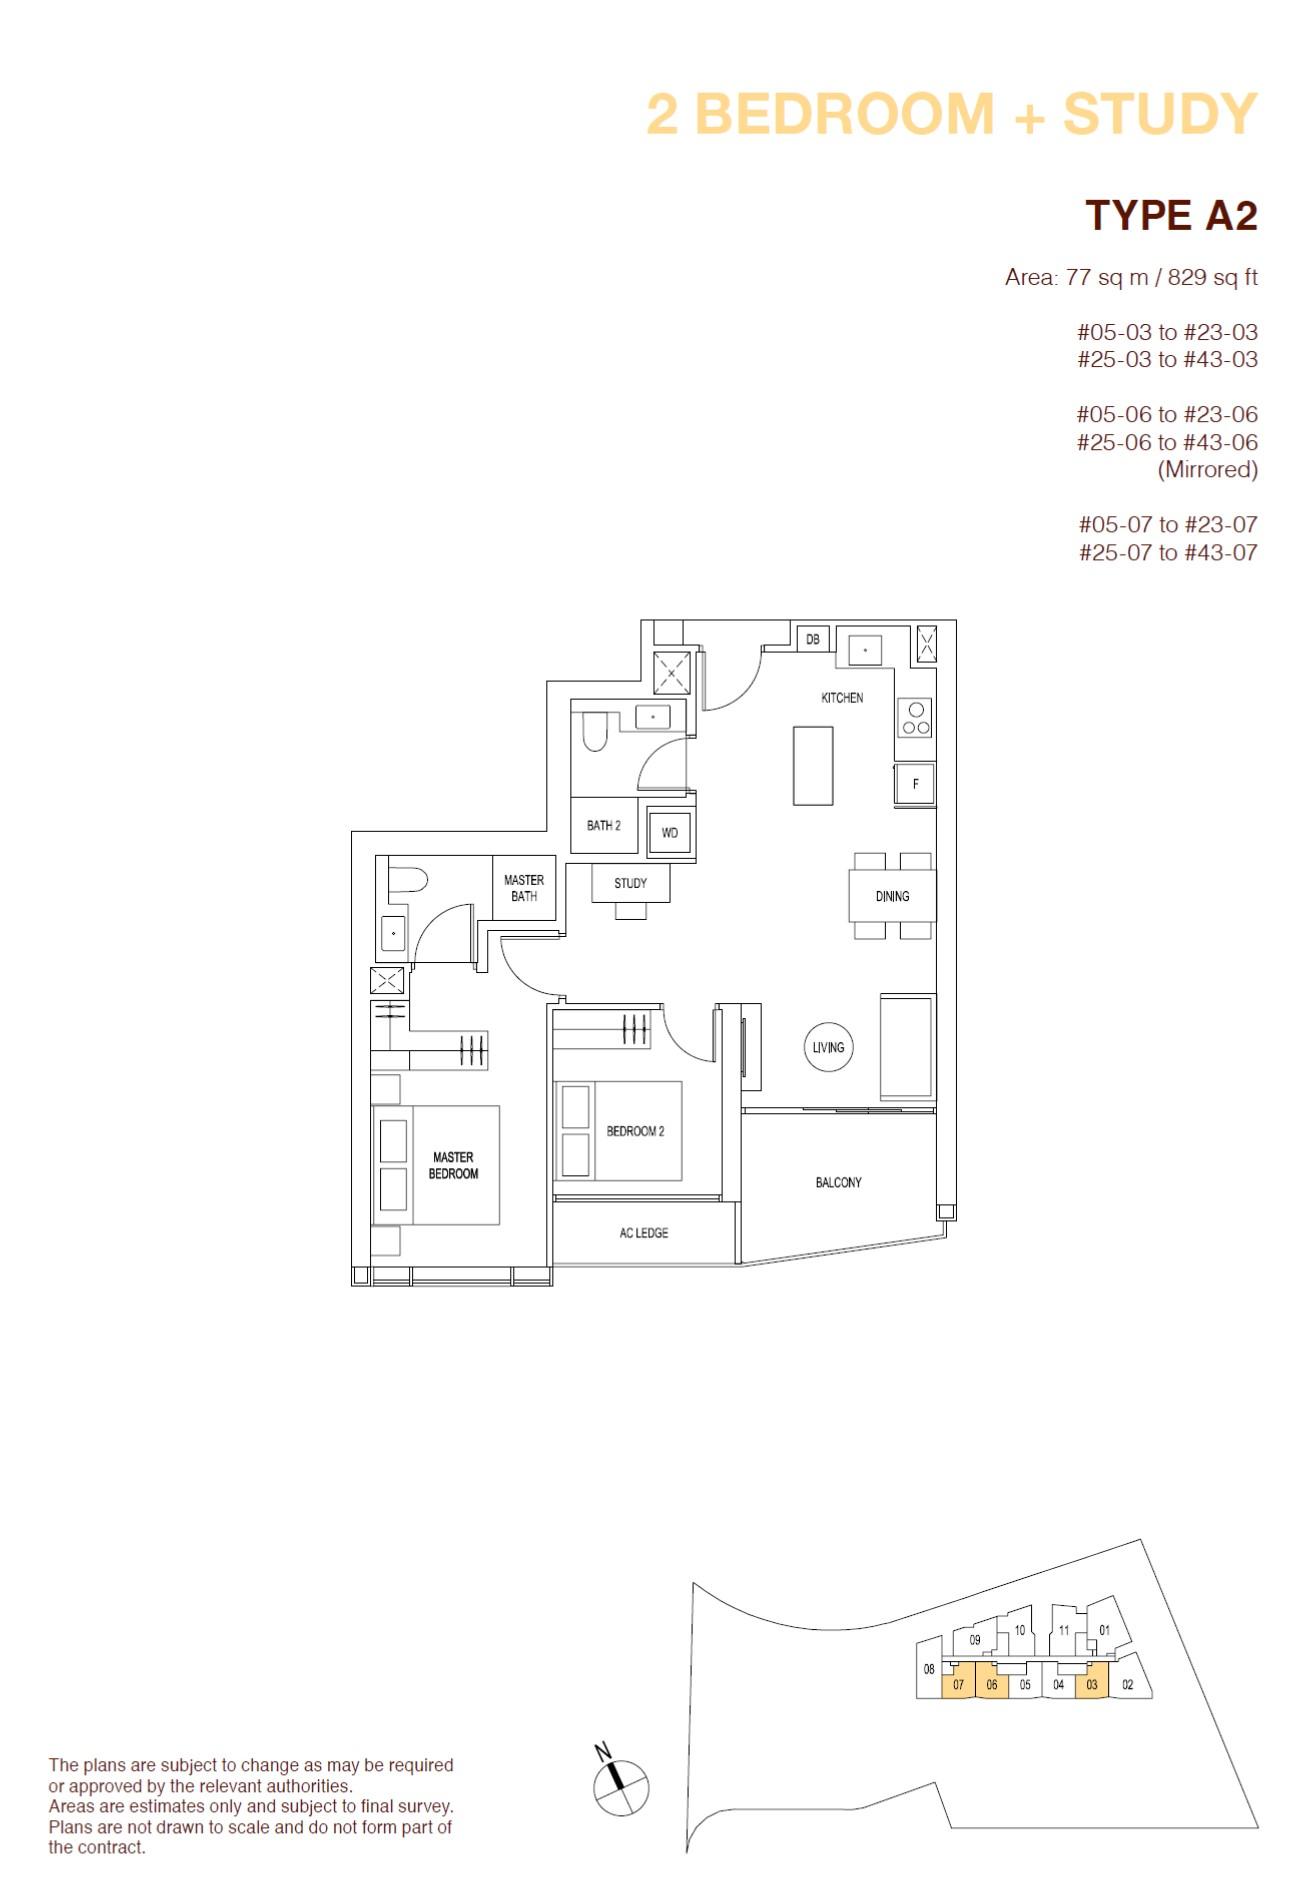 ARTRA Floor Plan Type A2